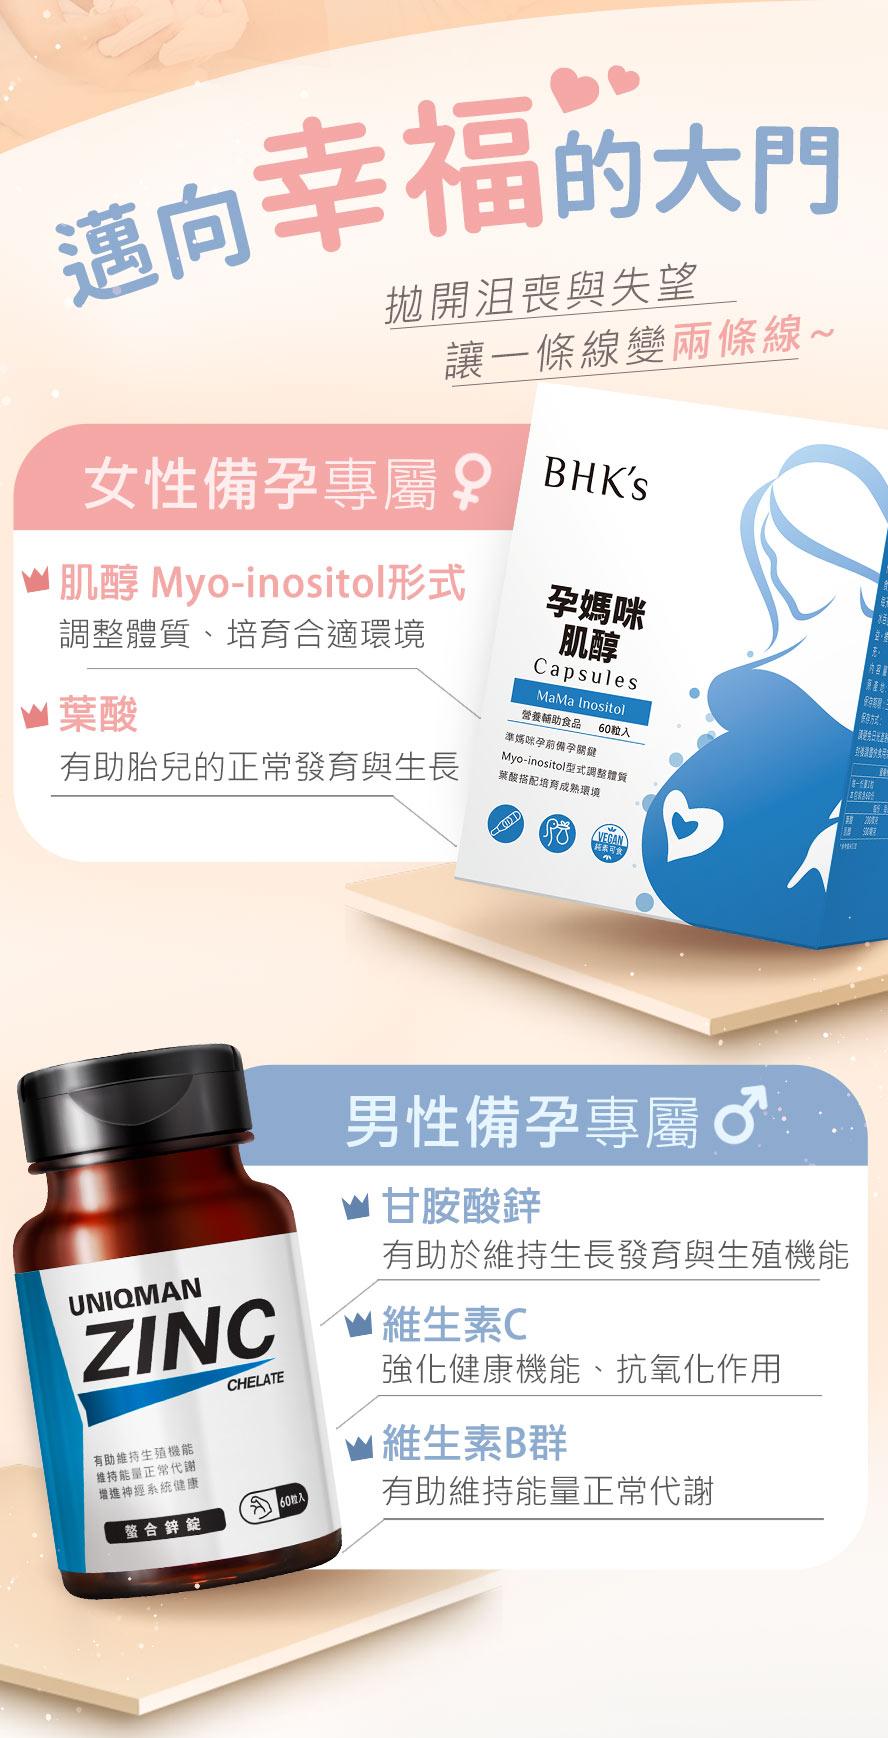 專月藥師建議,女性備孕補充BHKs 肌醇,使卵子發育更為成熟,提高受精率,也增加受孕的機會。男性備孕補充UNIQMAN胺基酸螯合鋅,增加精子質量、提升體力和精力。